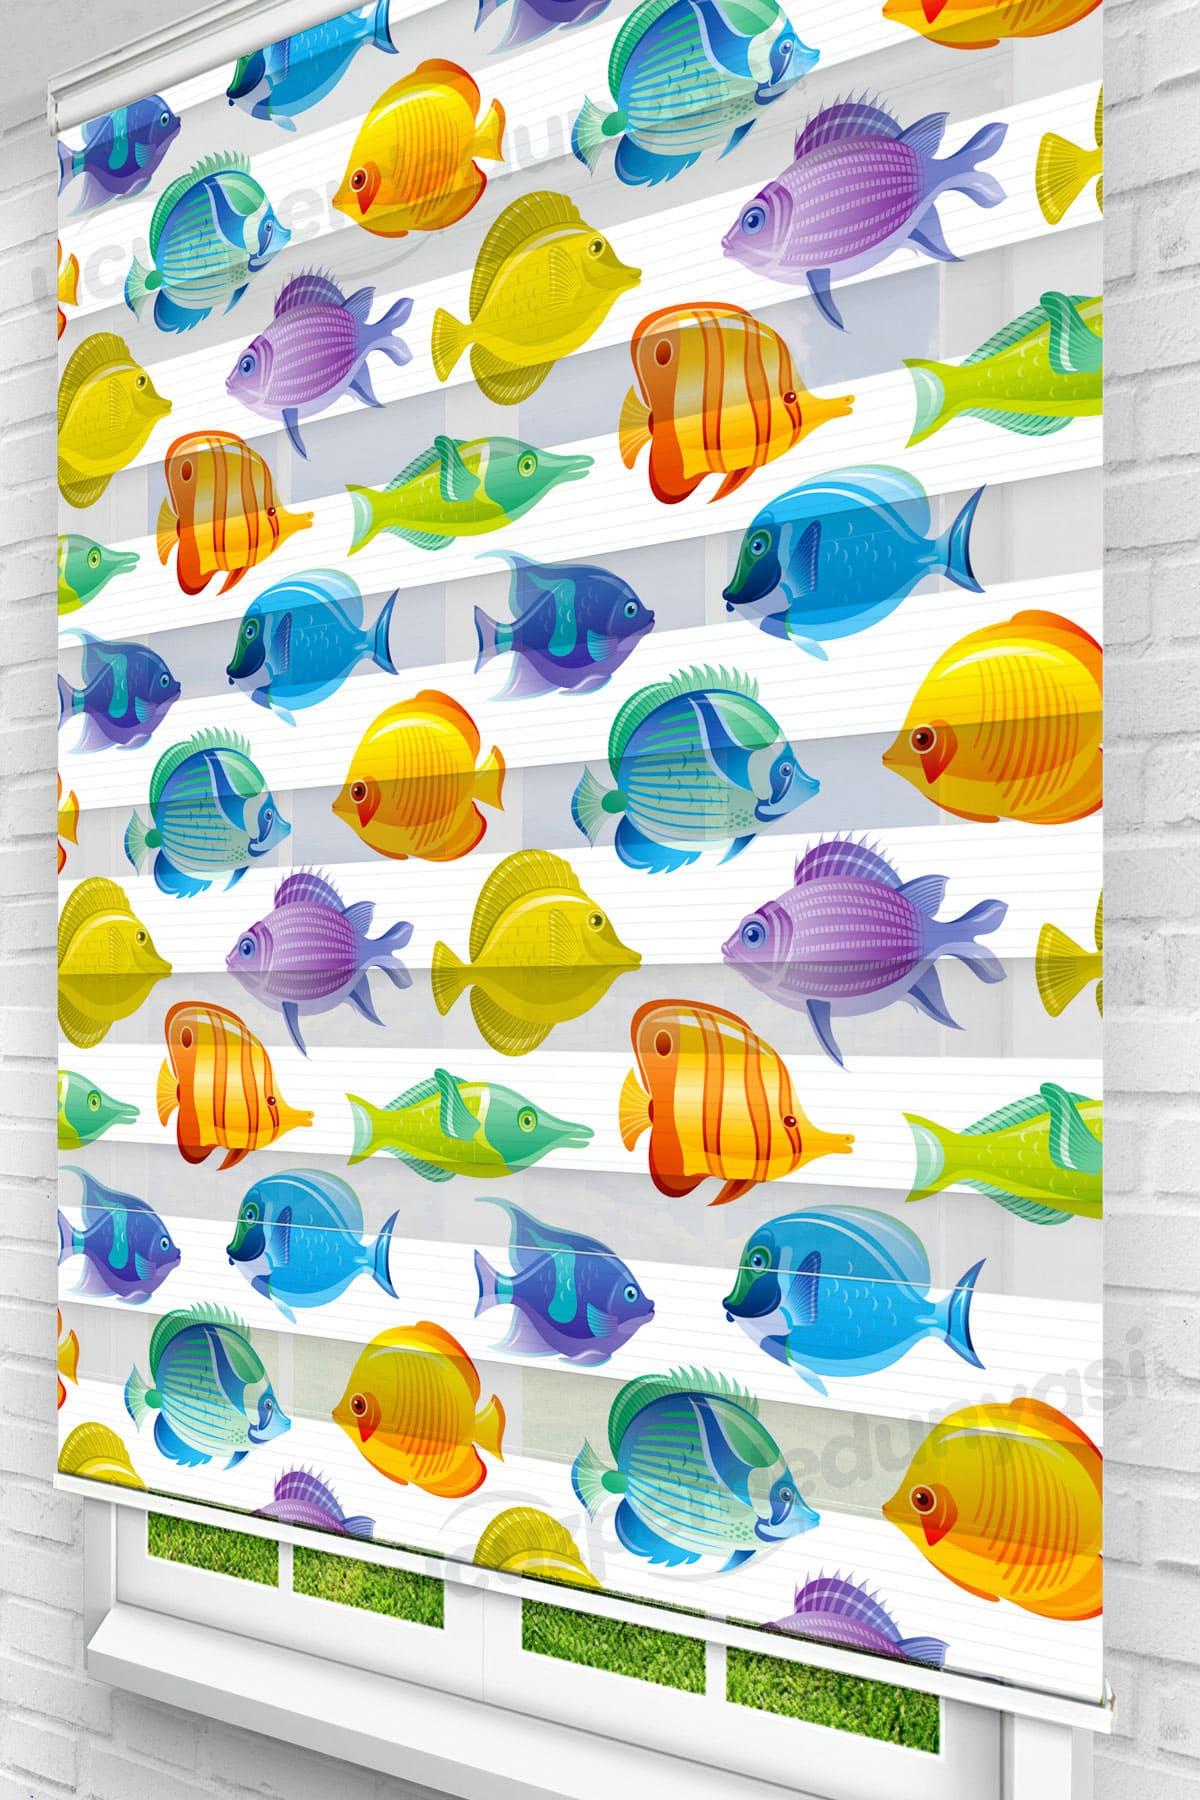 Renkli Balıklar Çocuk Odası Zebra Perde